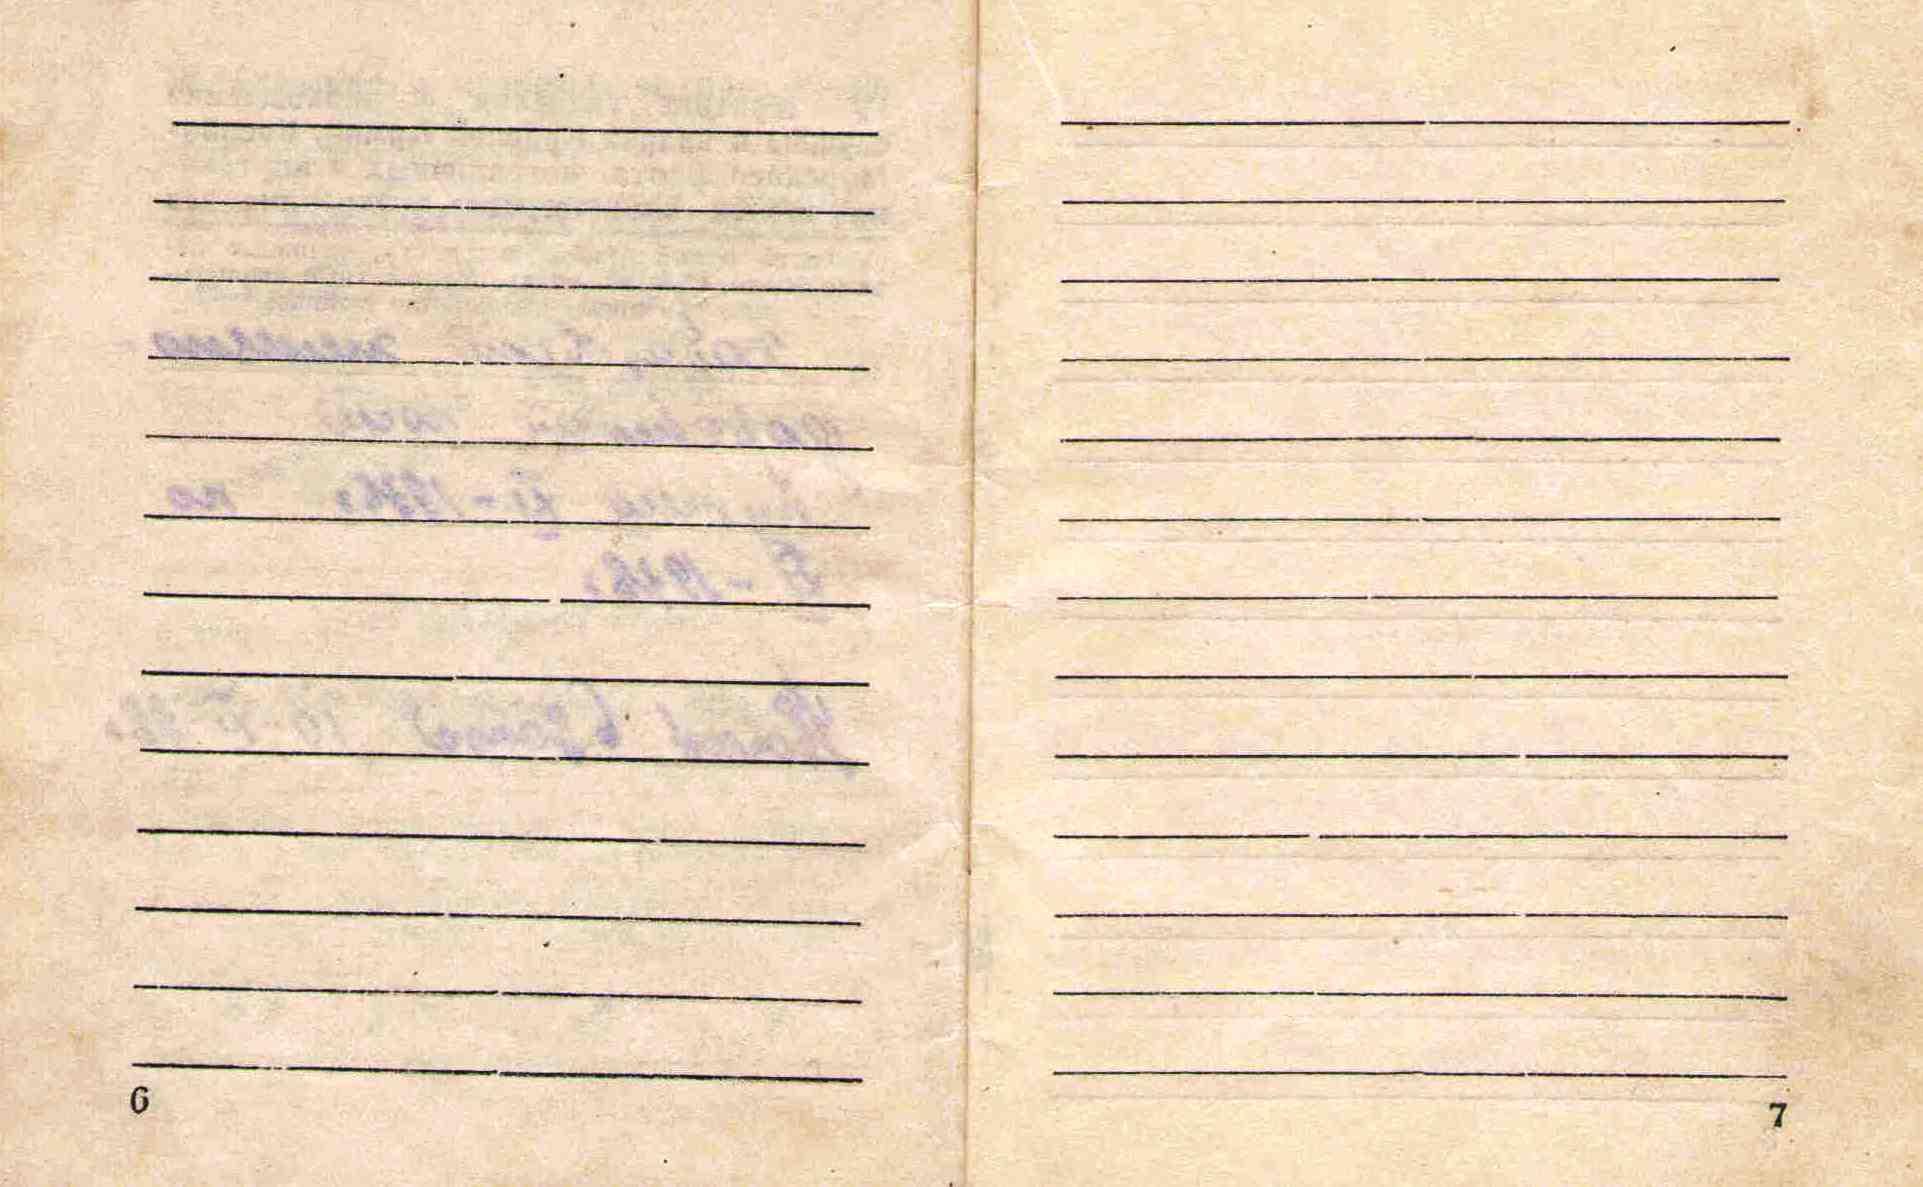 5. Военный билет Барыкина ПП,1948